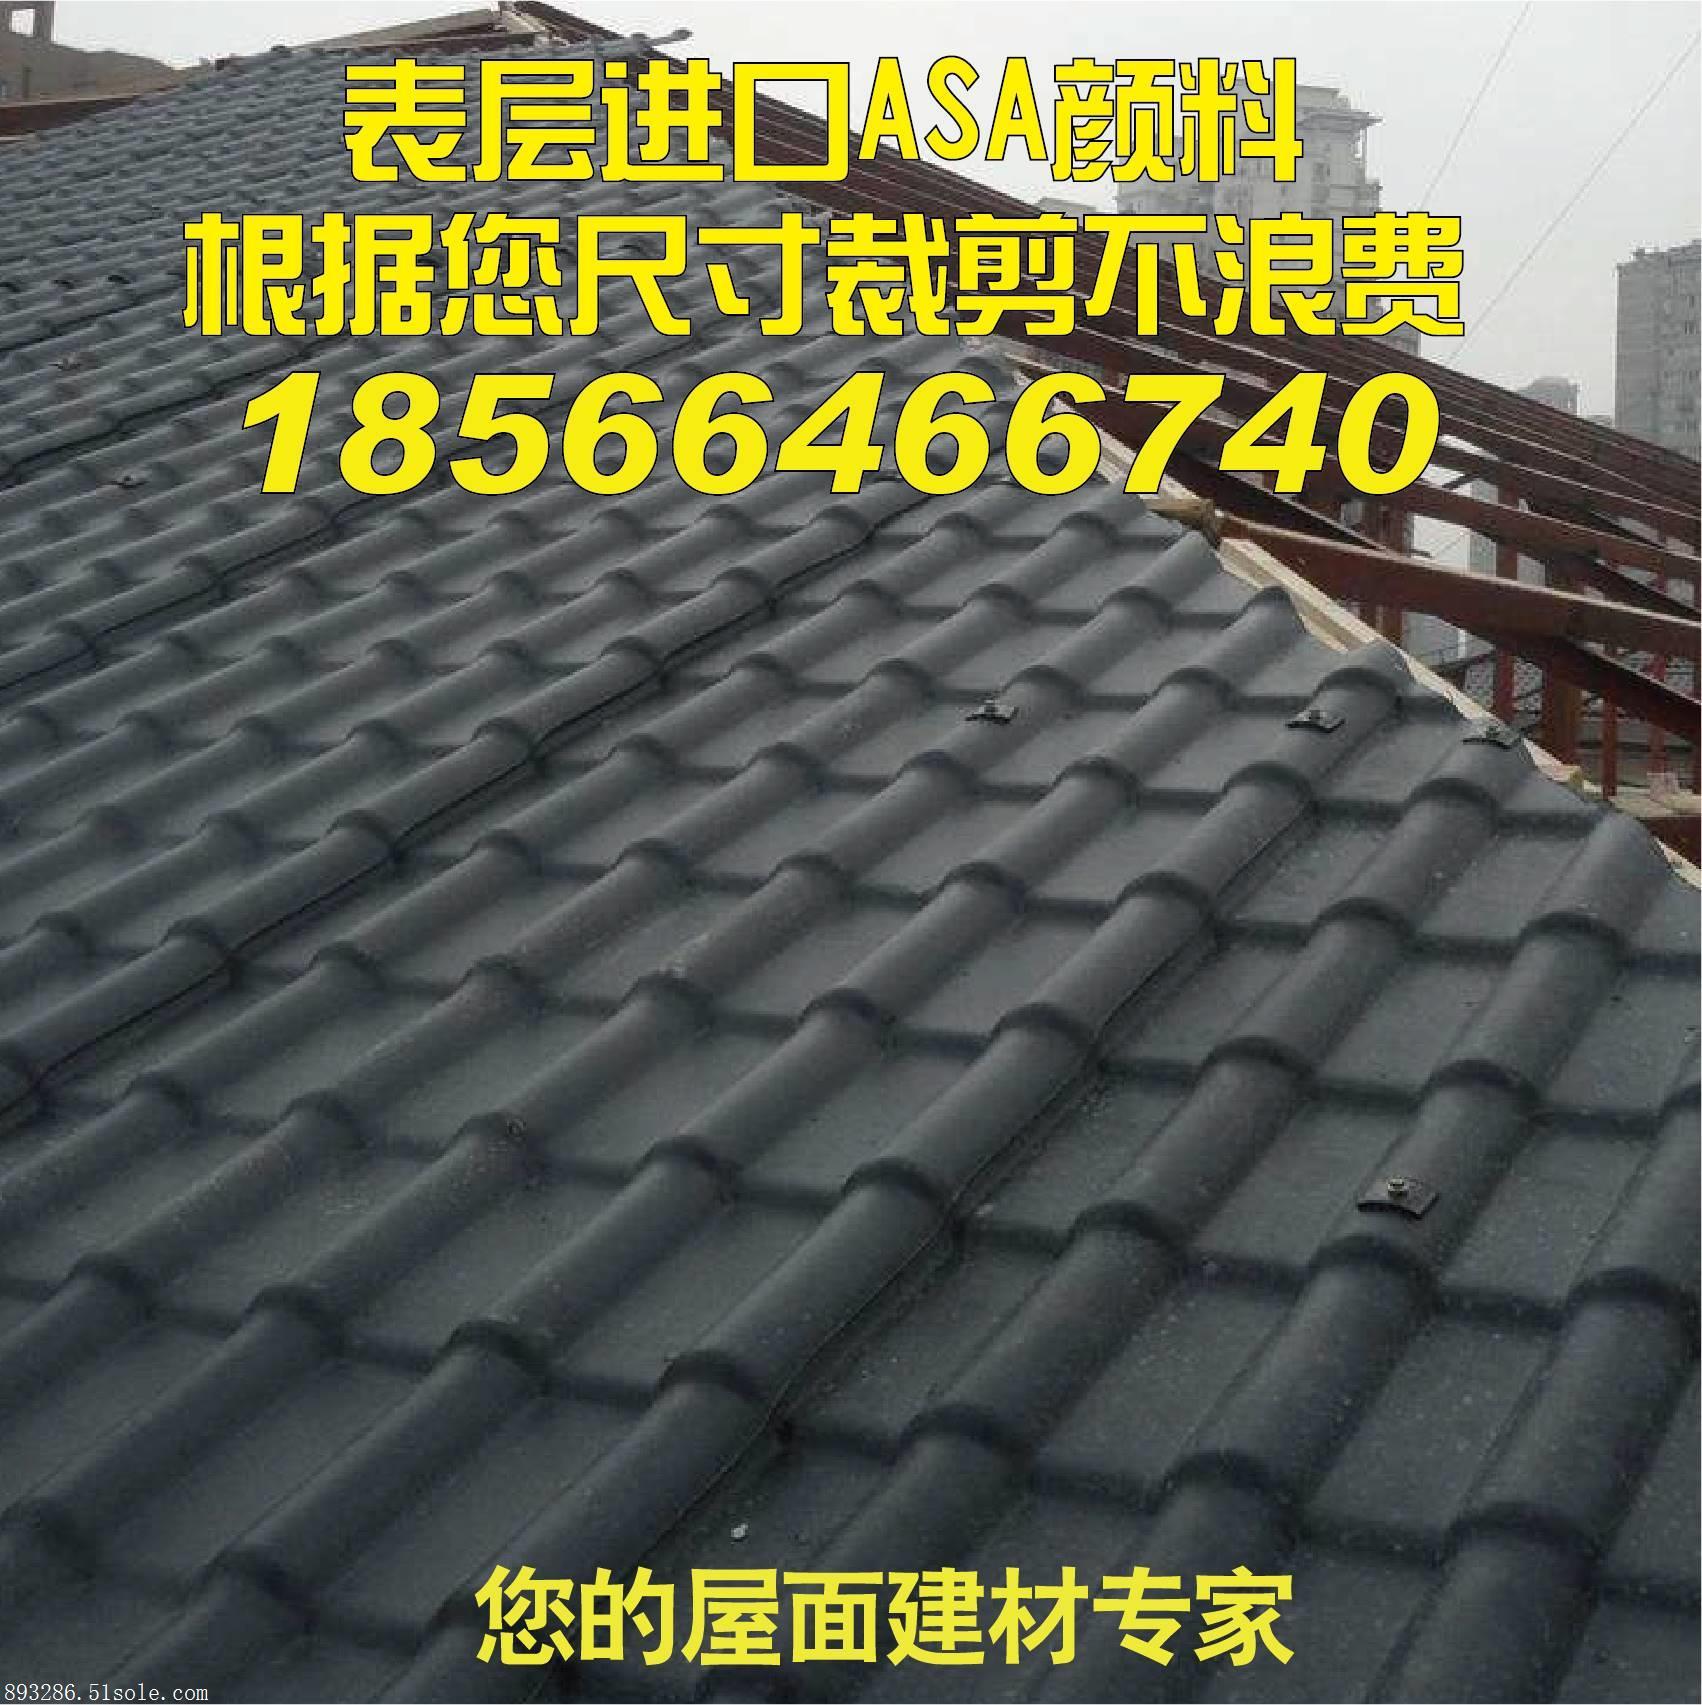 黑龙江合成树脂瓦价格厂家